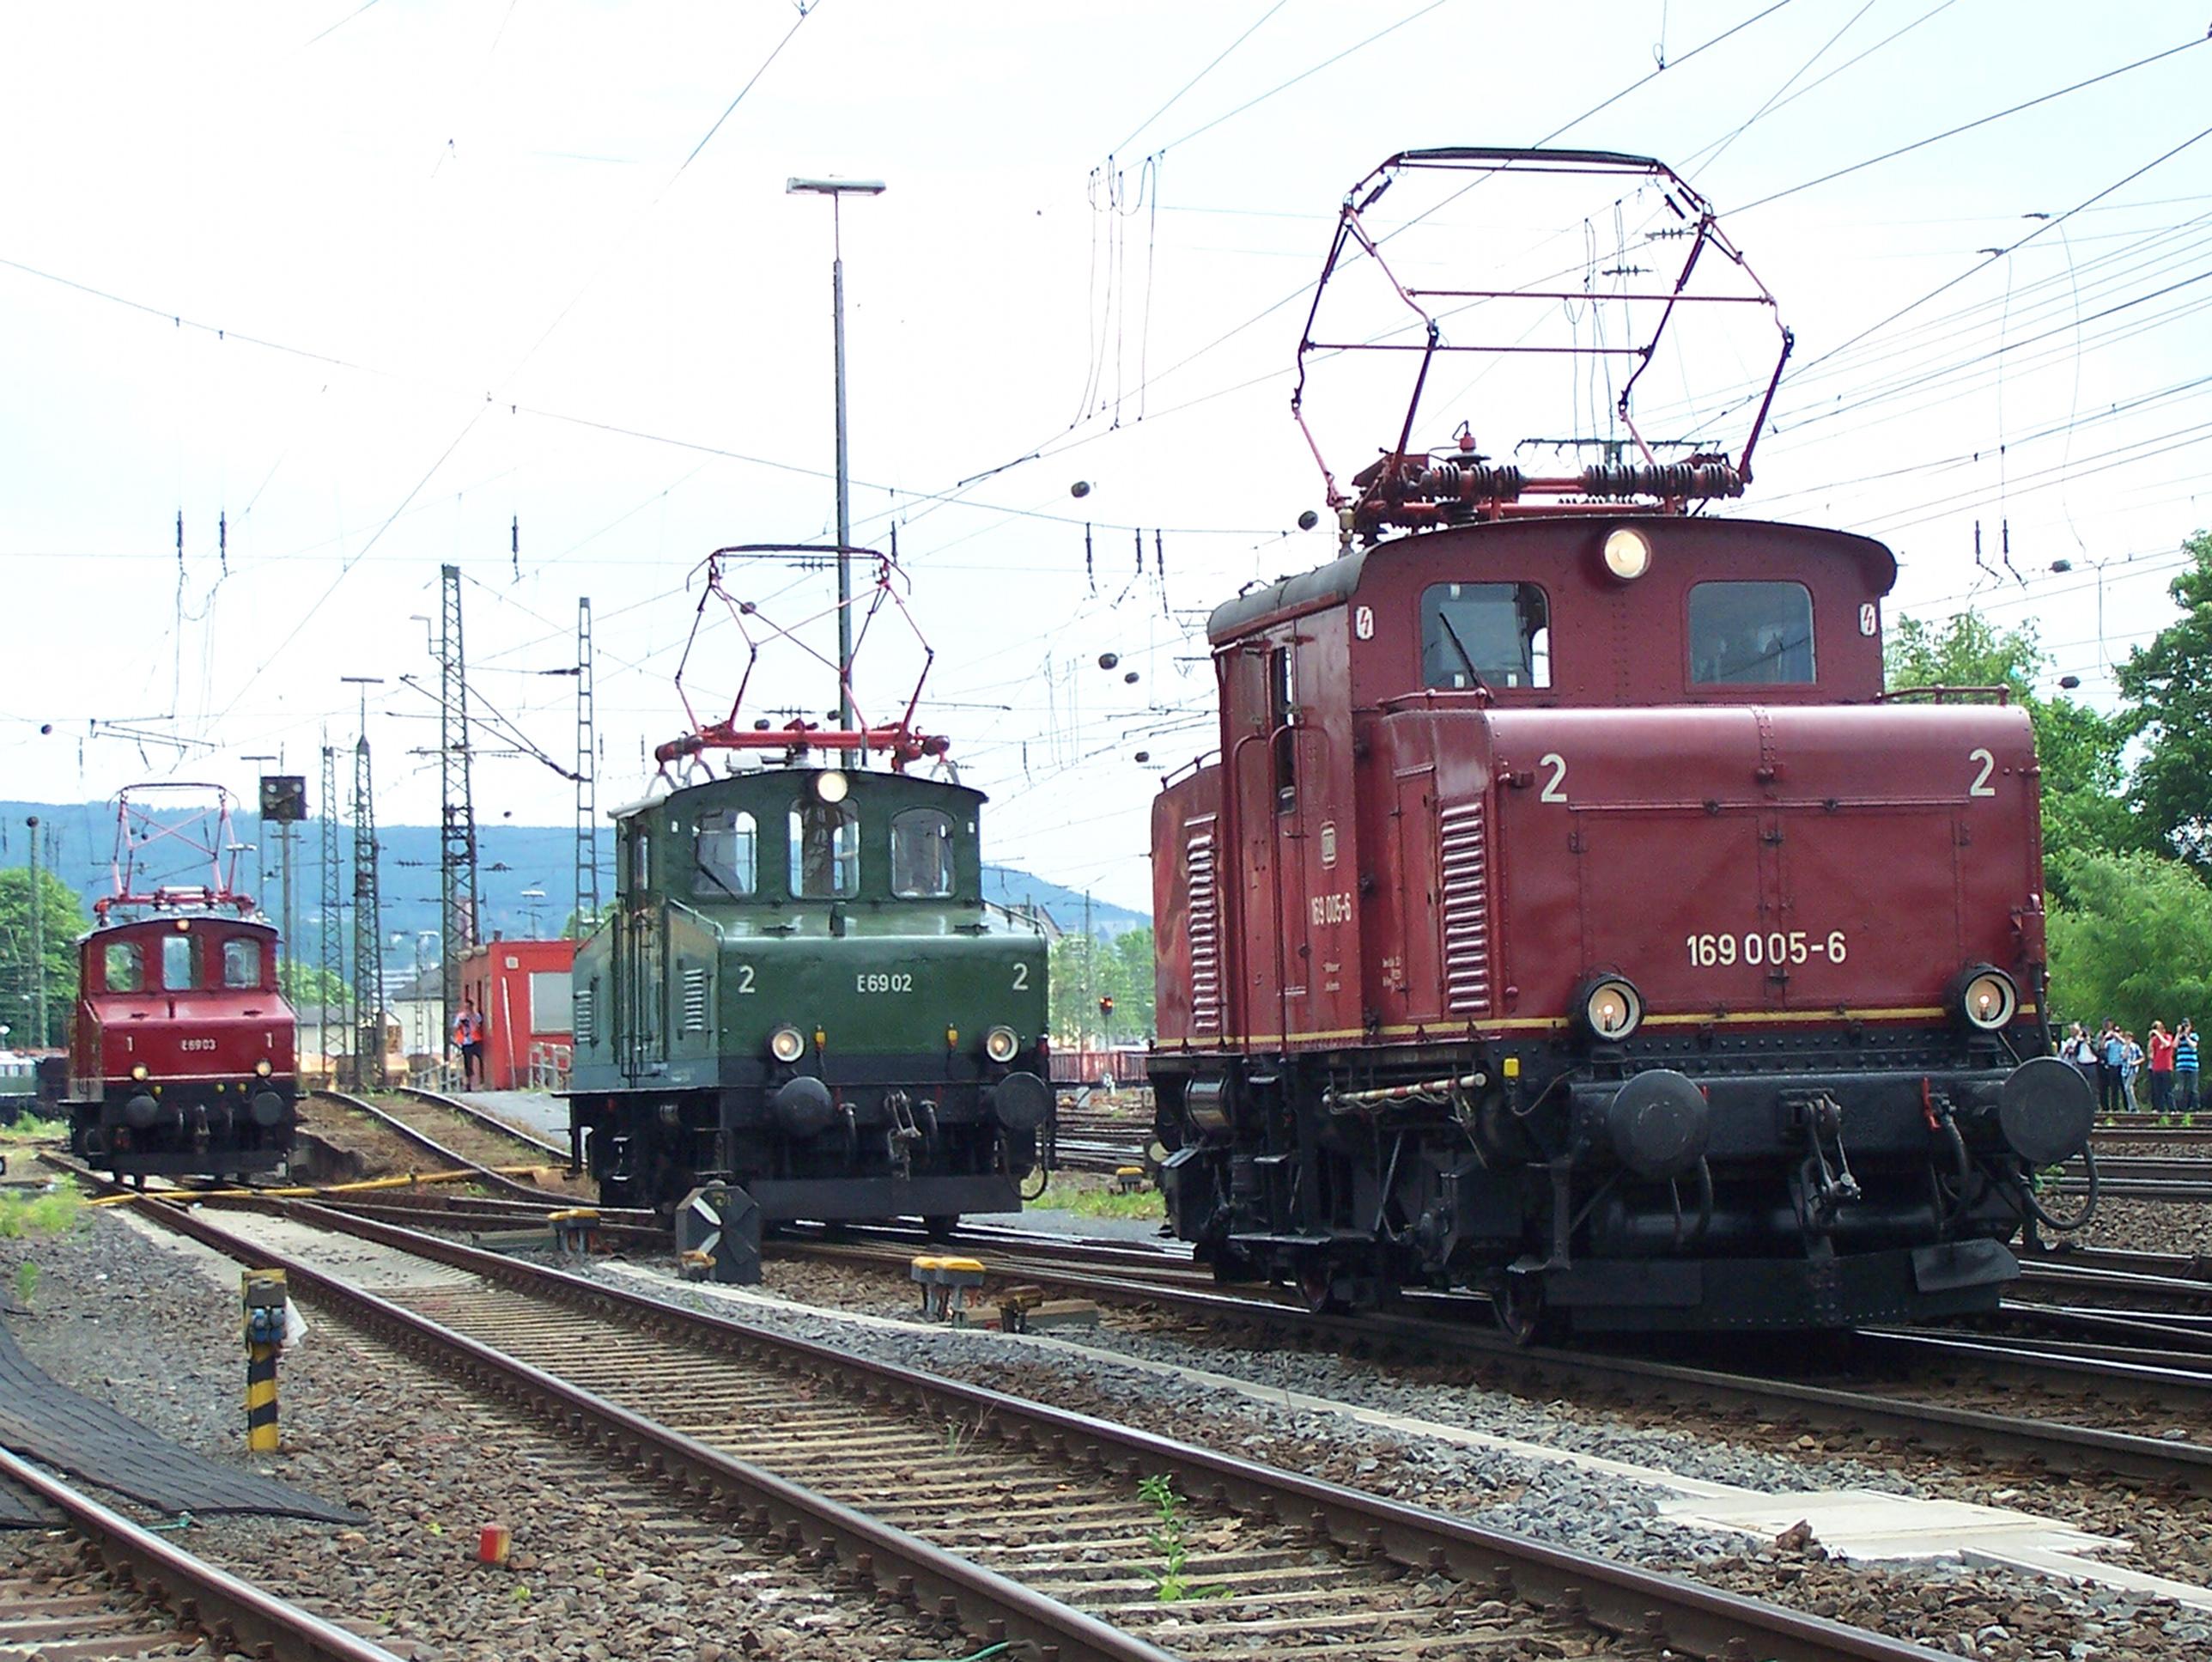 E69 02, 03 ja 05, Koblenz-Lützel 2.6.2012. Kuva: Urmelbeauftragter/Wikimedia Commons. CC-BY-SA 3.0